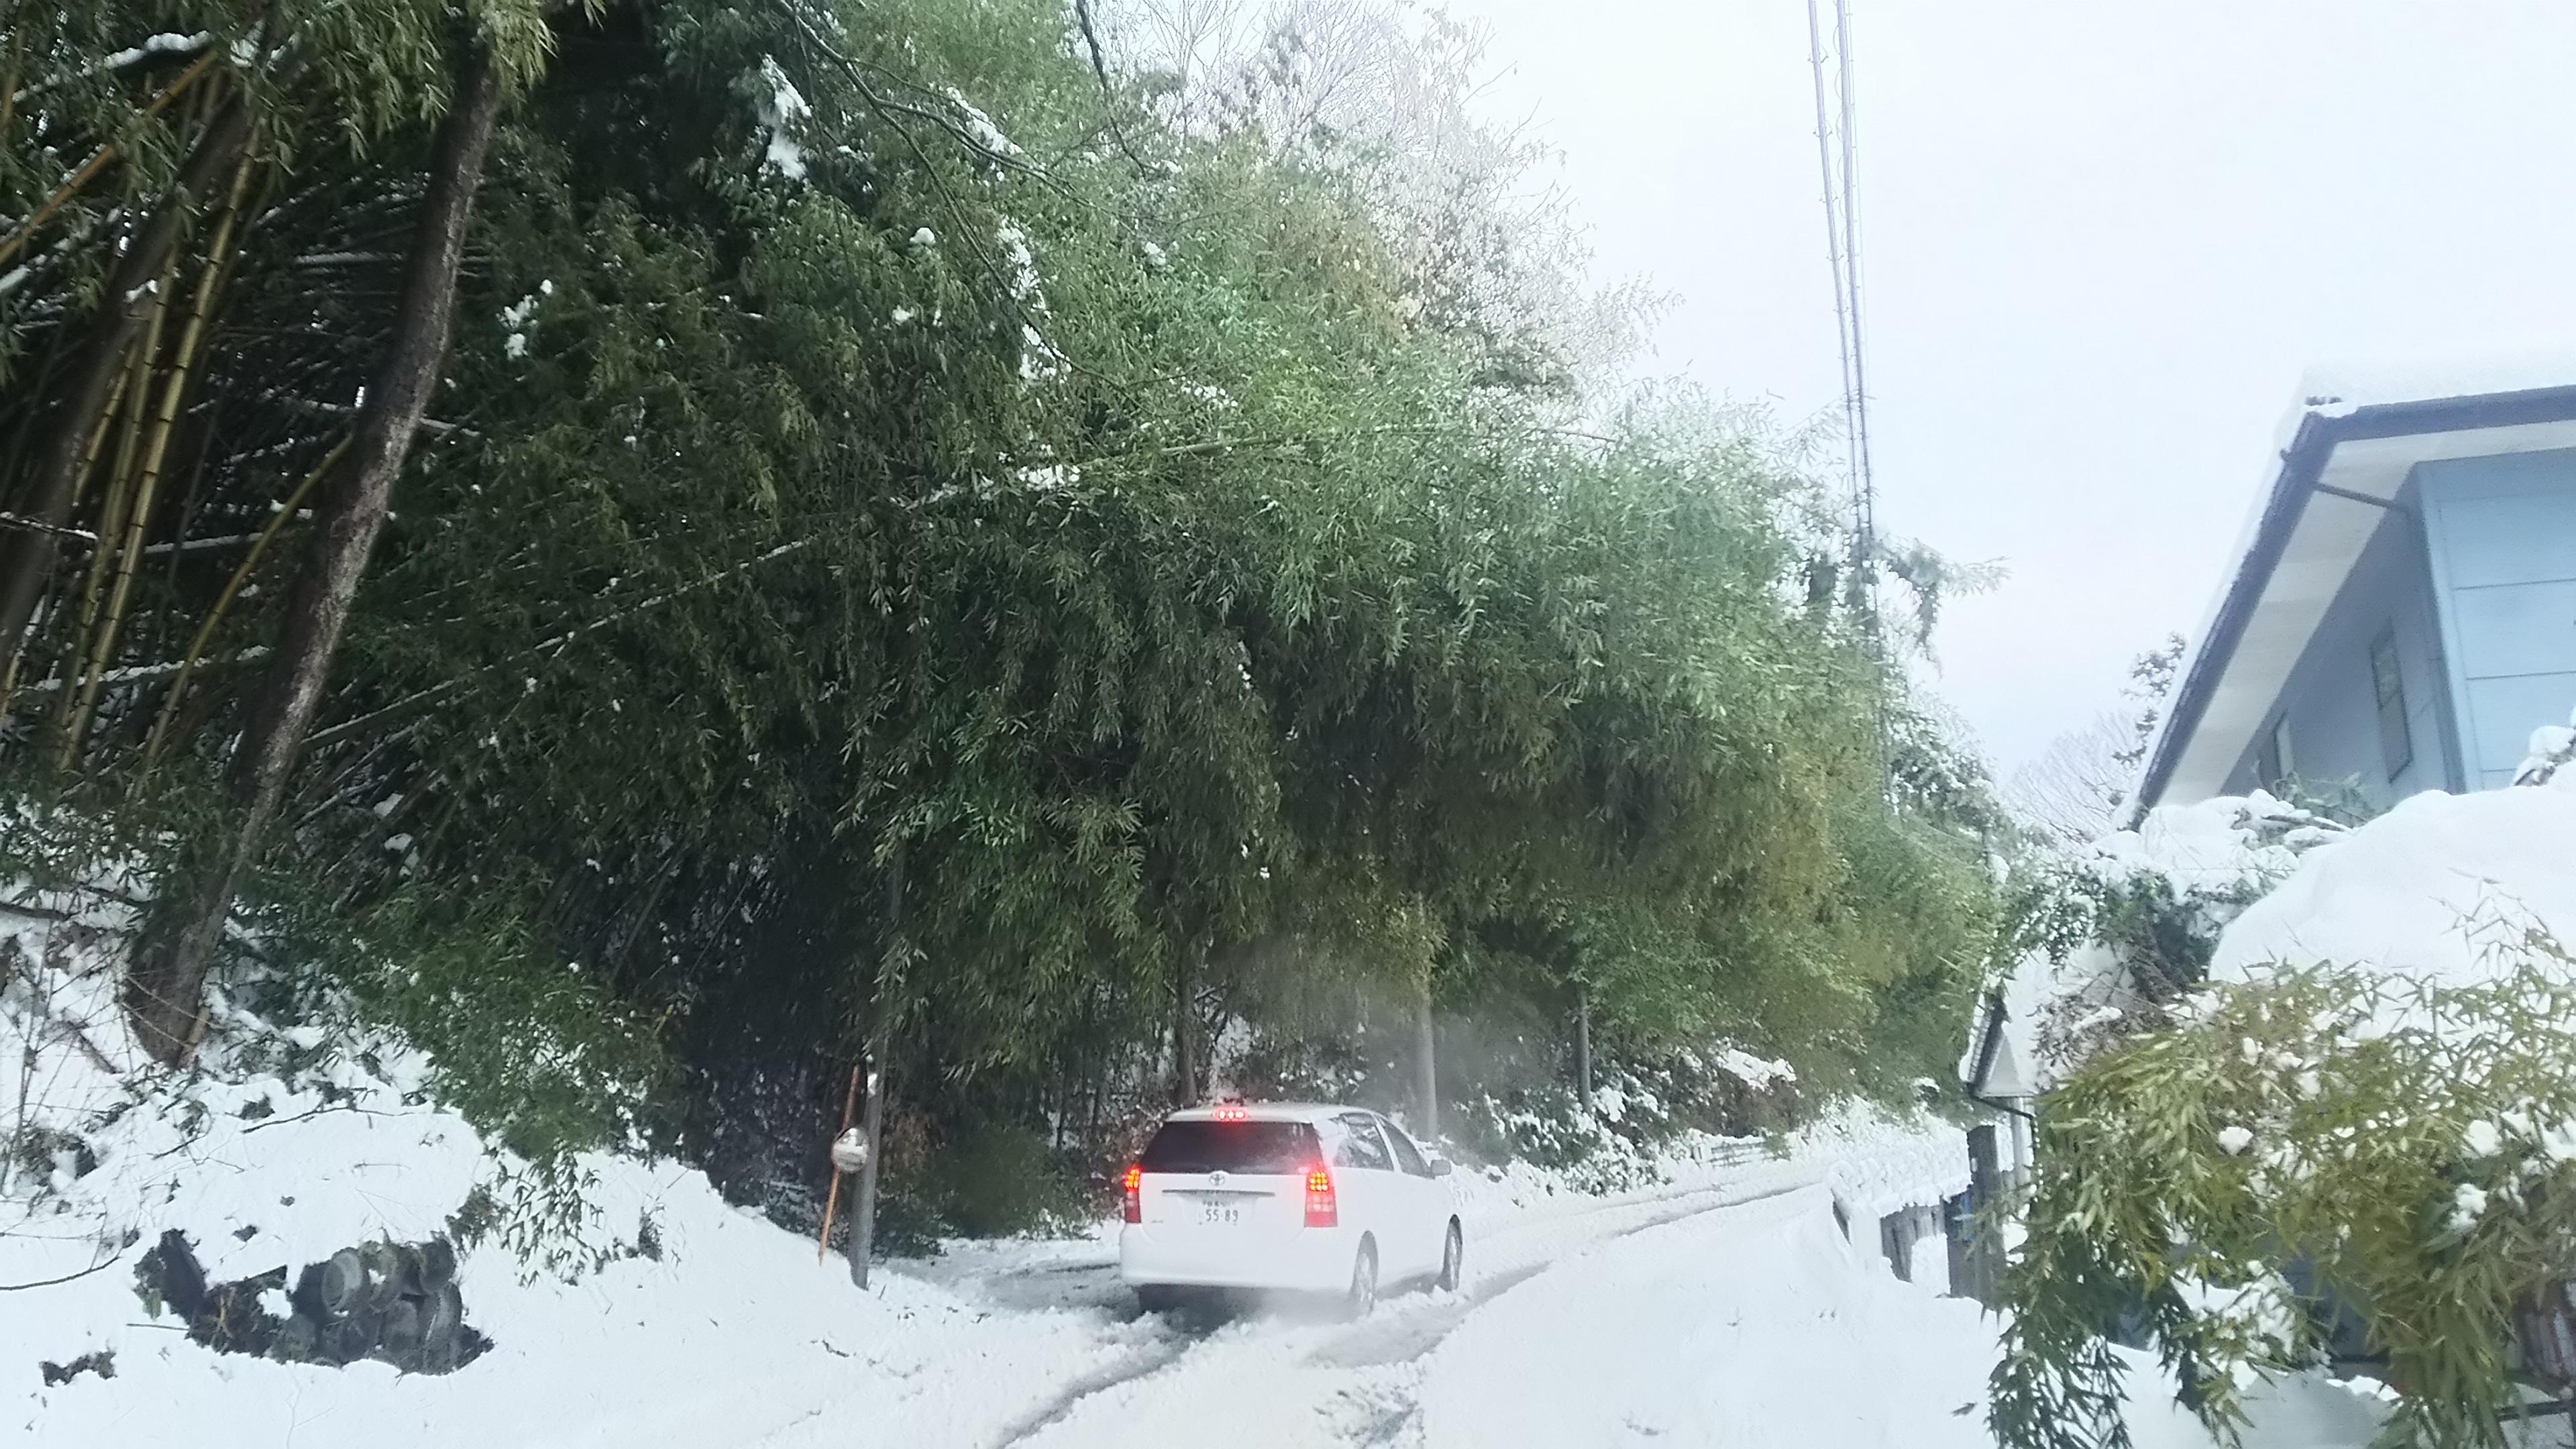 竹害による日照不足・路面凍結